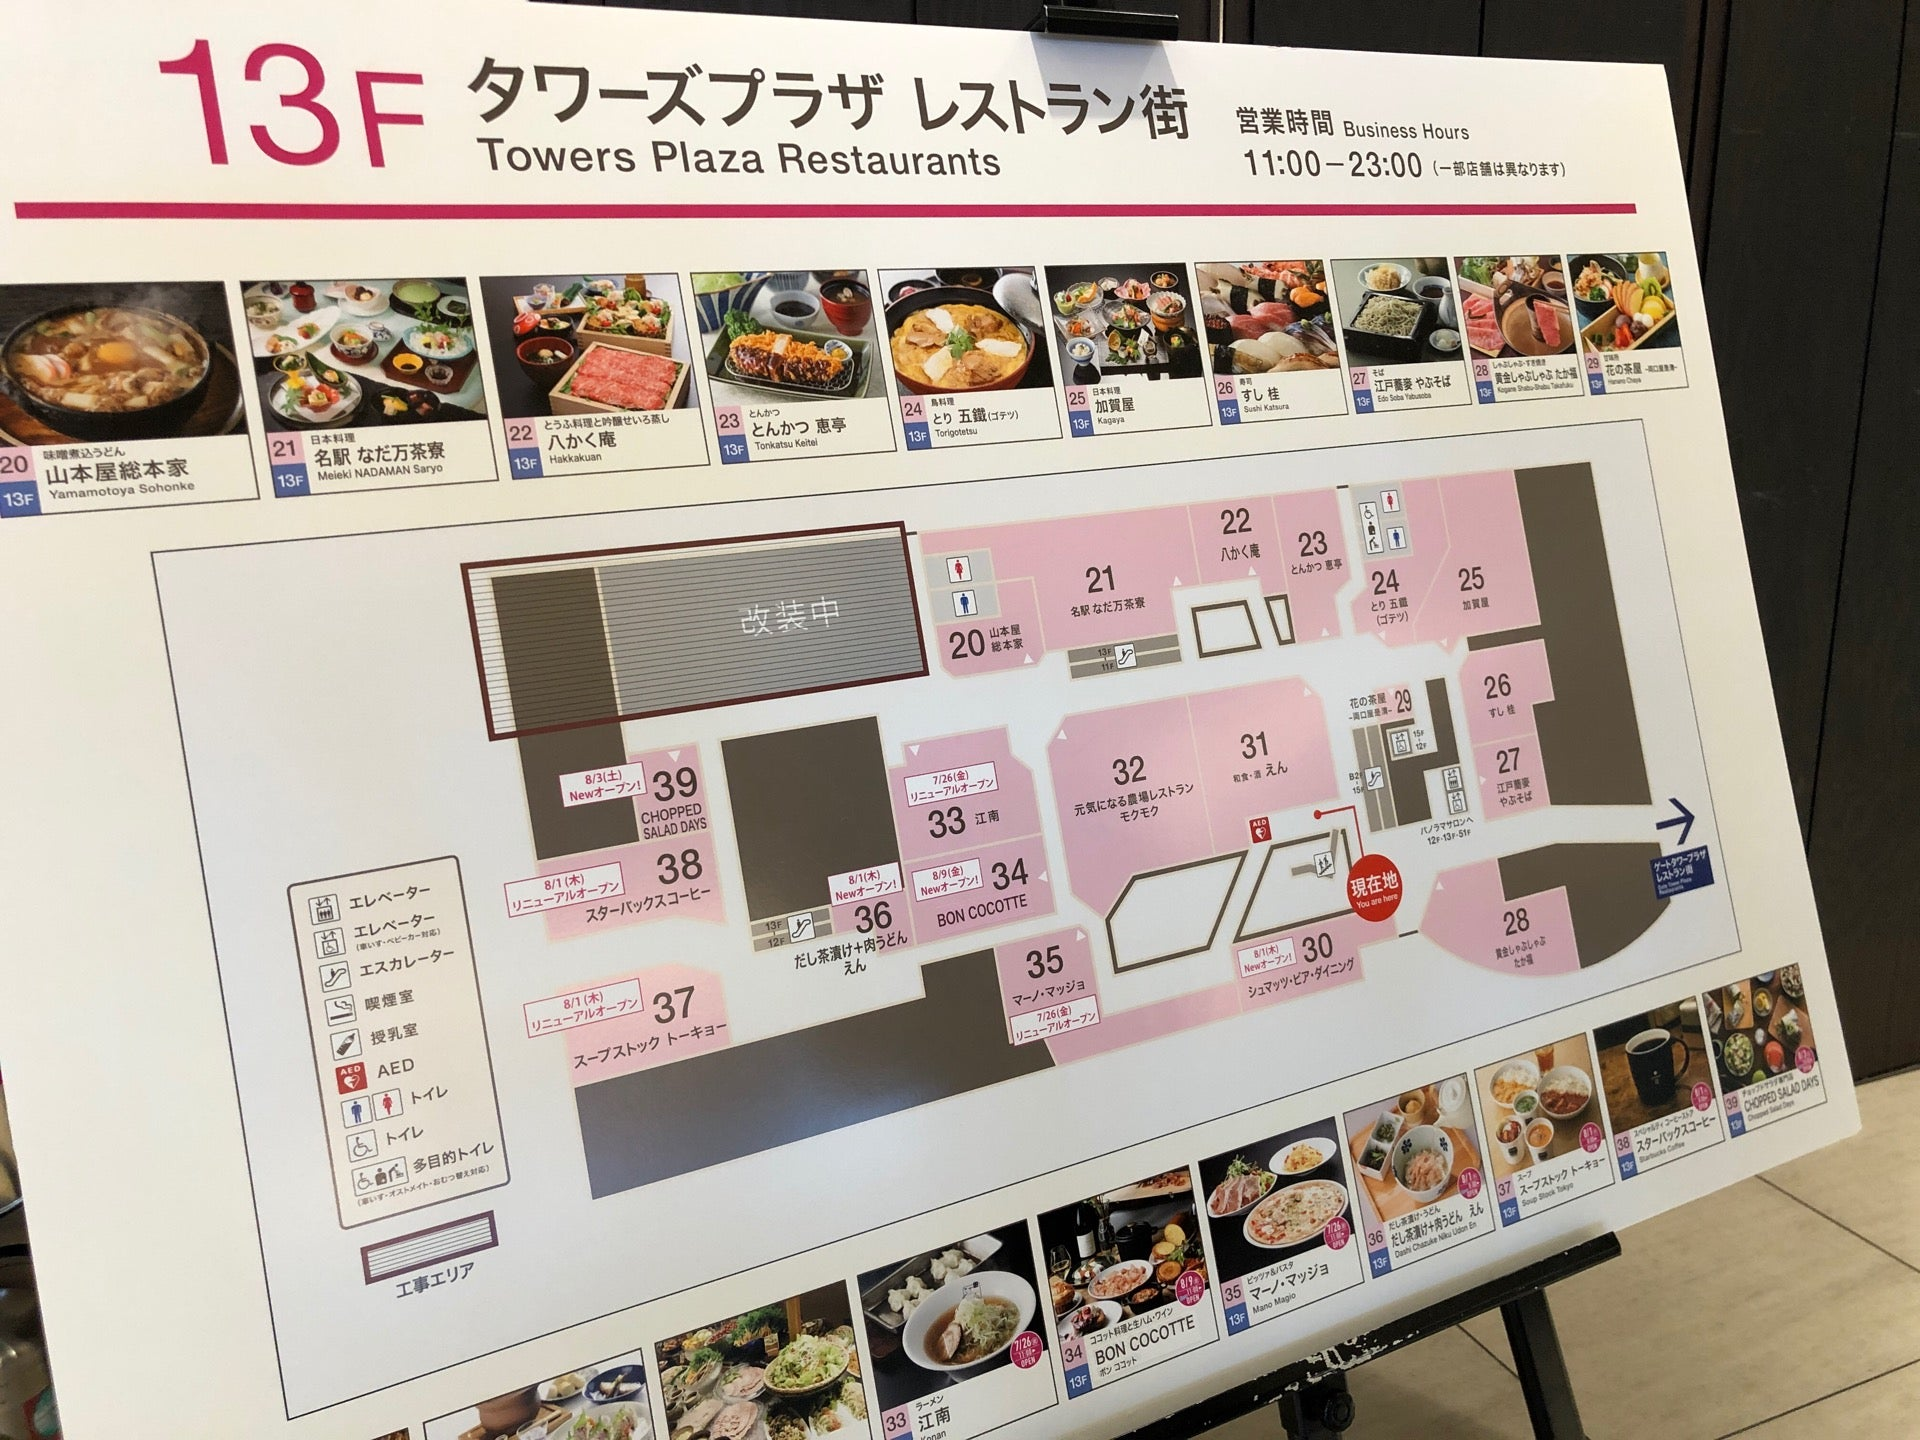 新しいお店とかリニューアルがちらほら。 (@ タワーズプラザ in Nagoya, 愛知県) https://t.co/MAY1j29wJF https://t.co/eGHlyfZP90